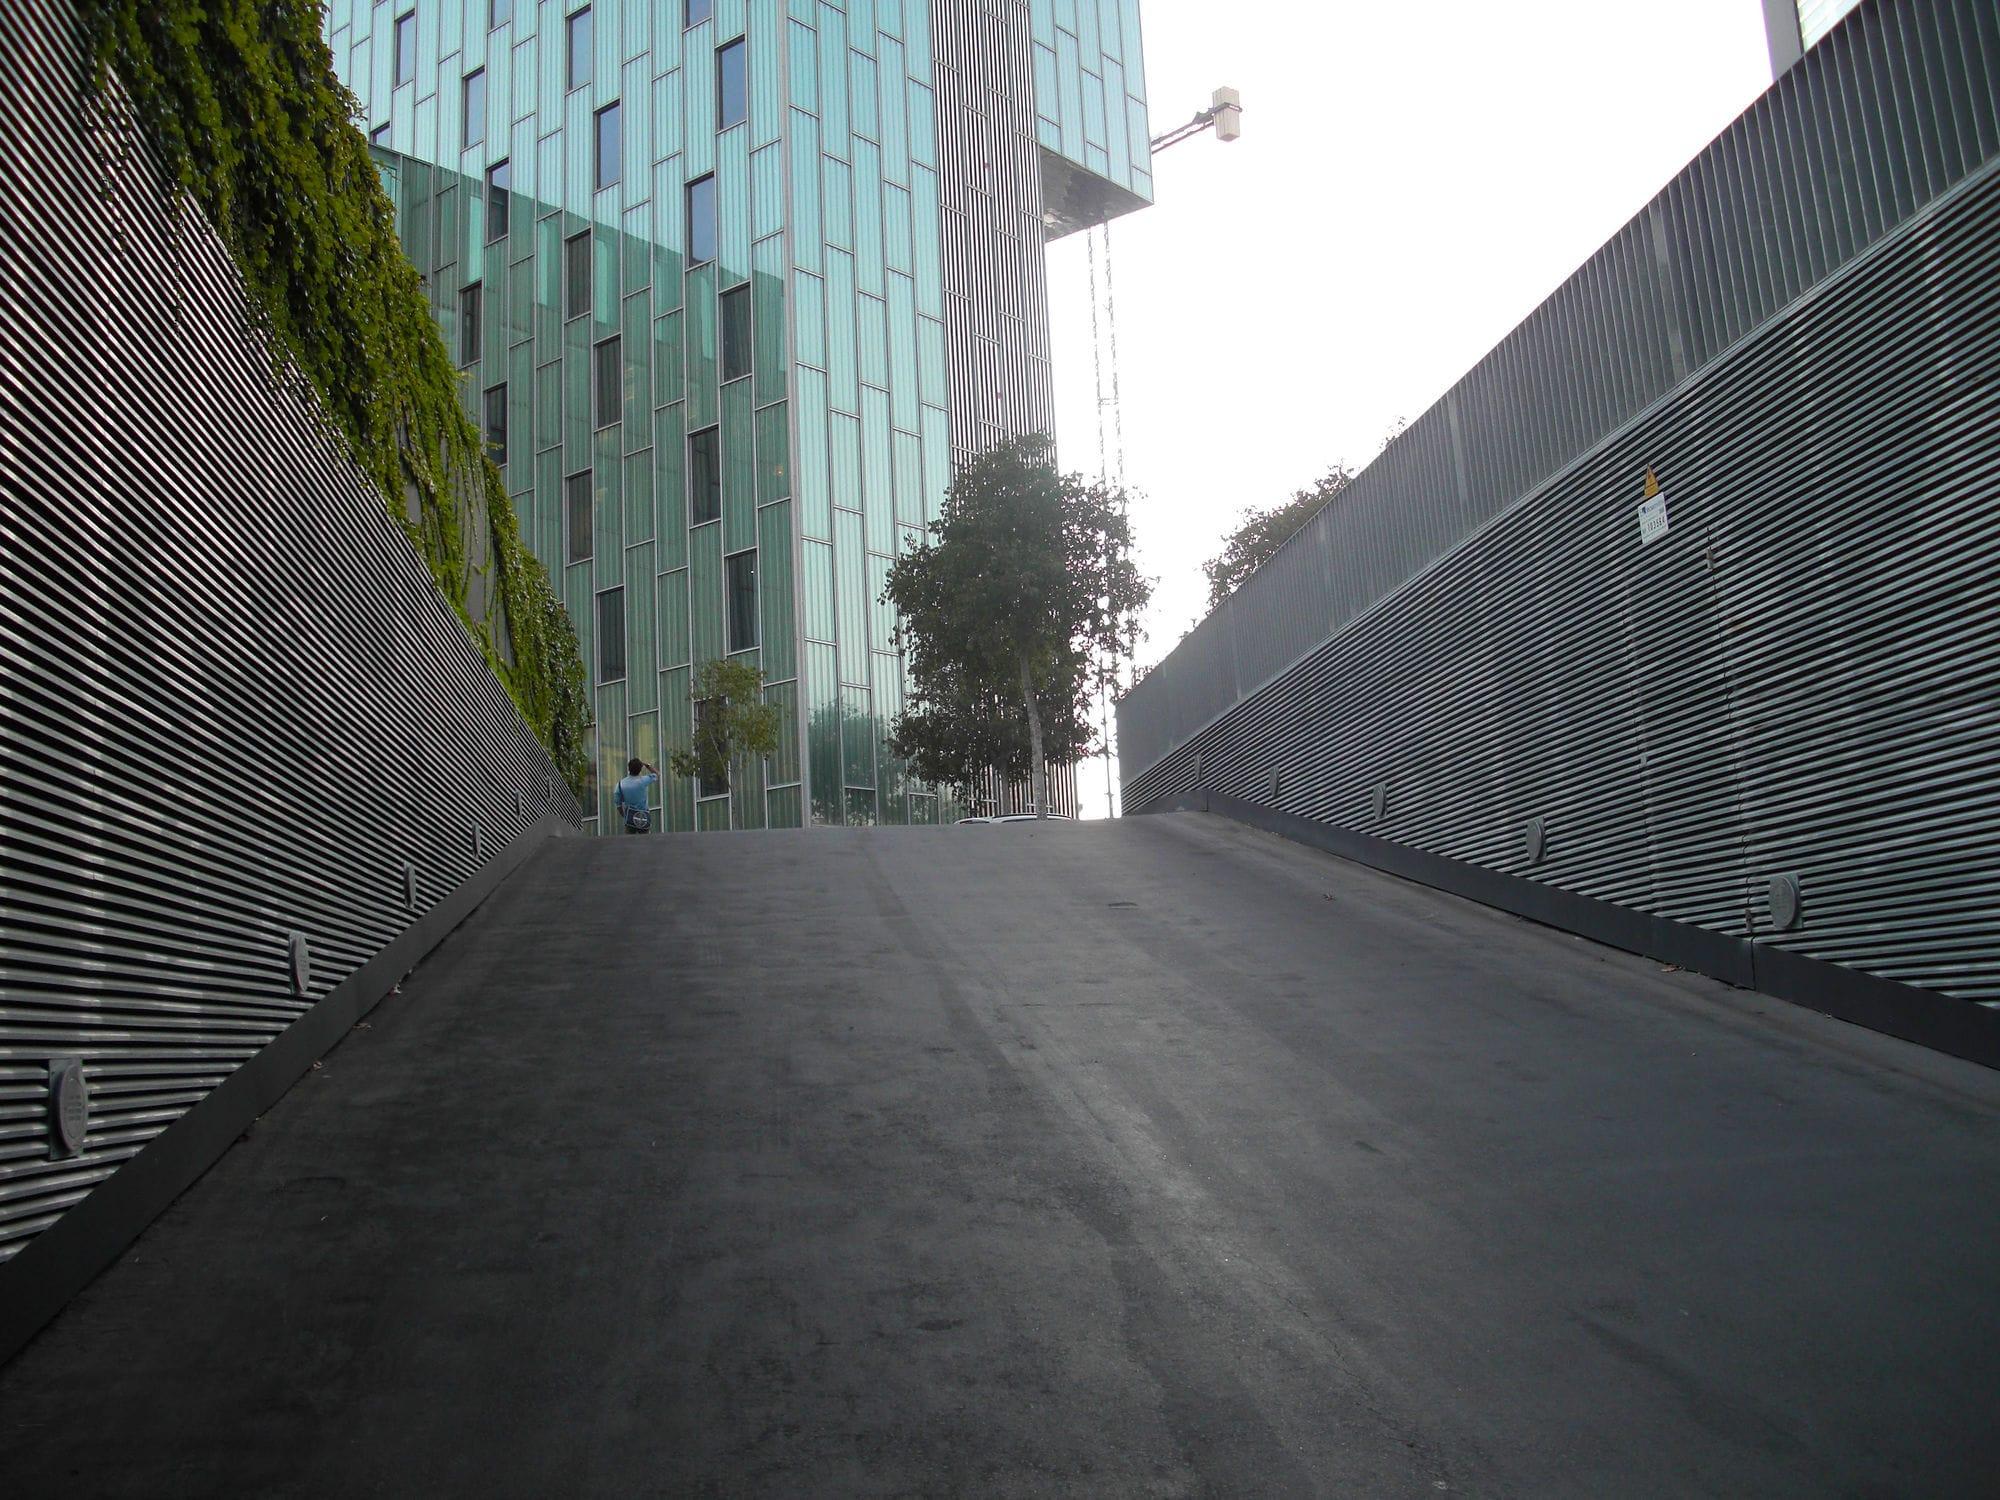 Pavimentazione In Calcestruzzo Industriale Residenziale